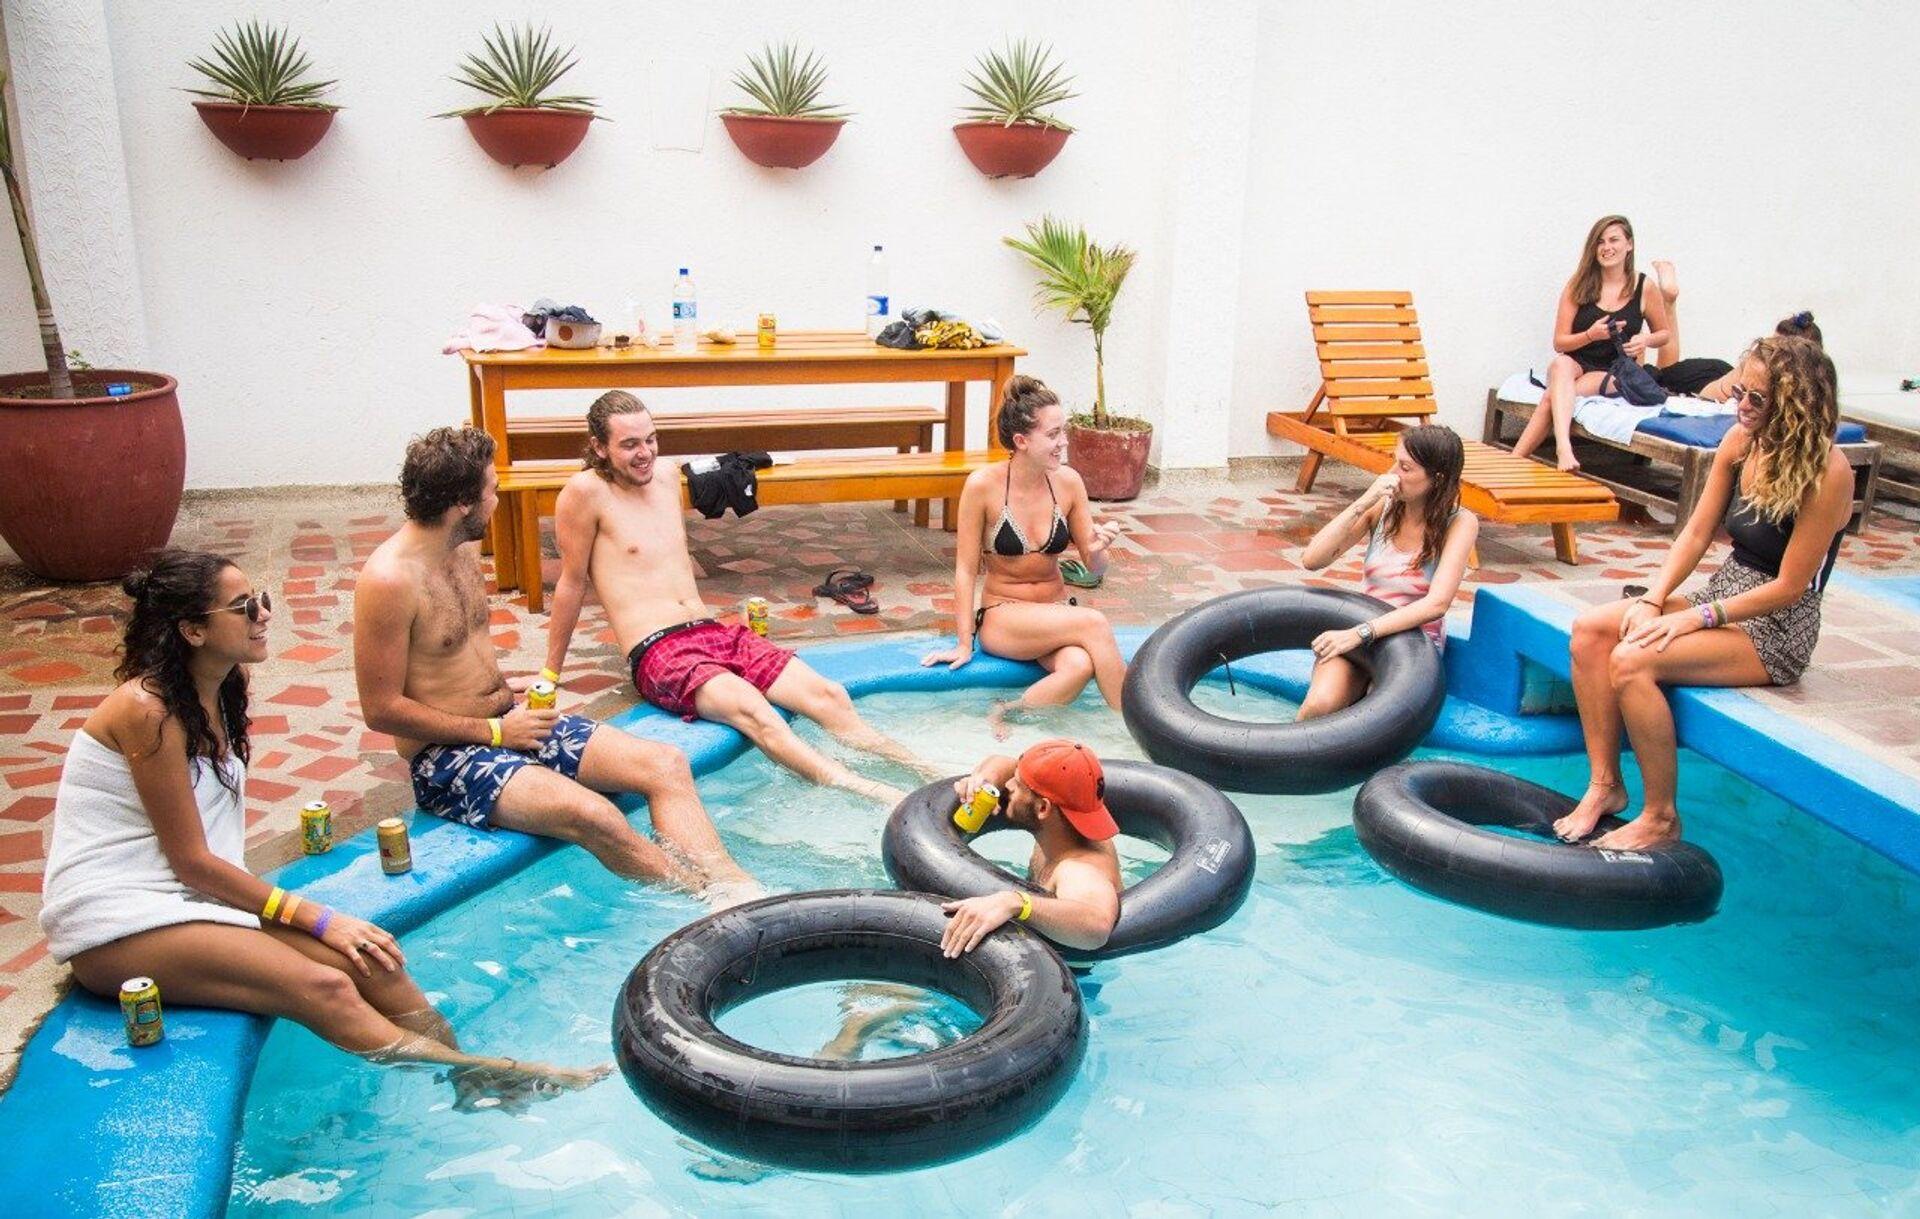 La piscina del Drop Bear Hostel di Santa Marta, Colombia - Sputnik Italia, 1920, 24.05.2021